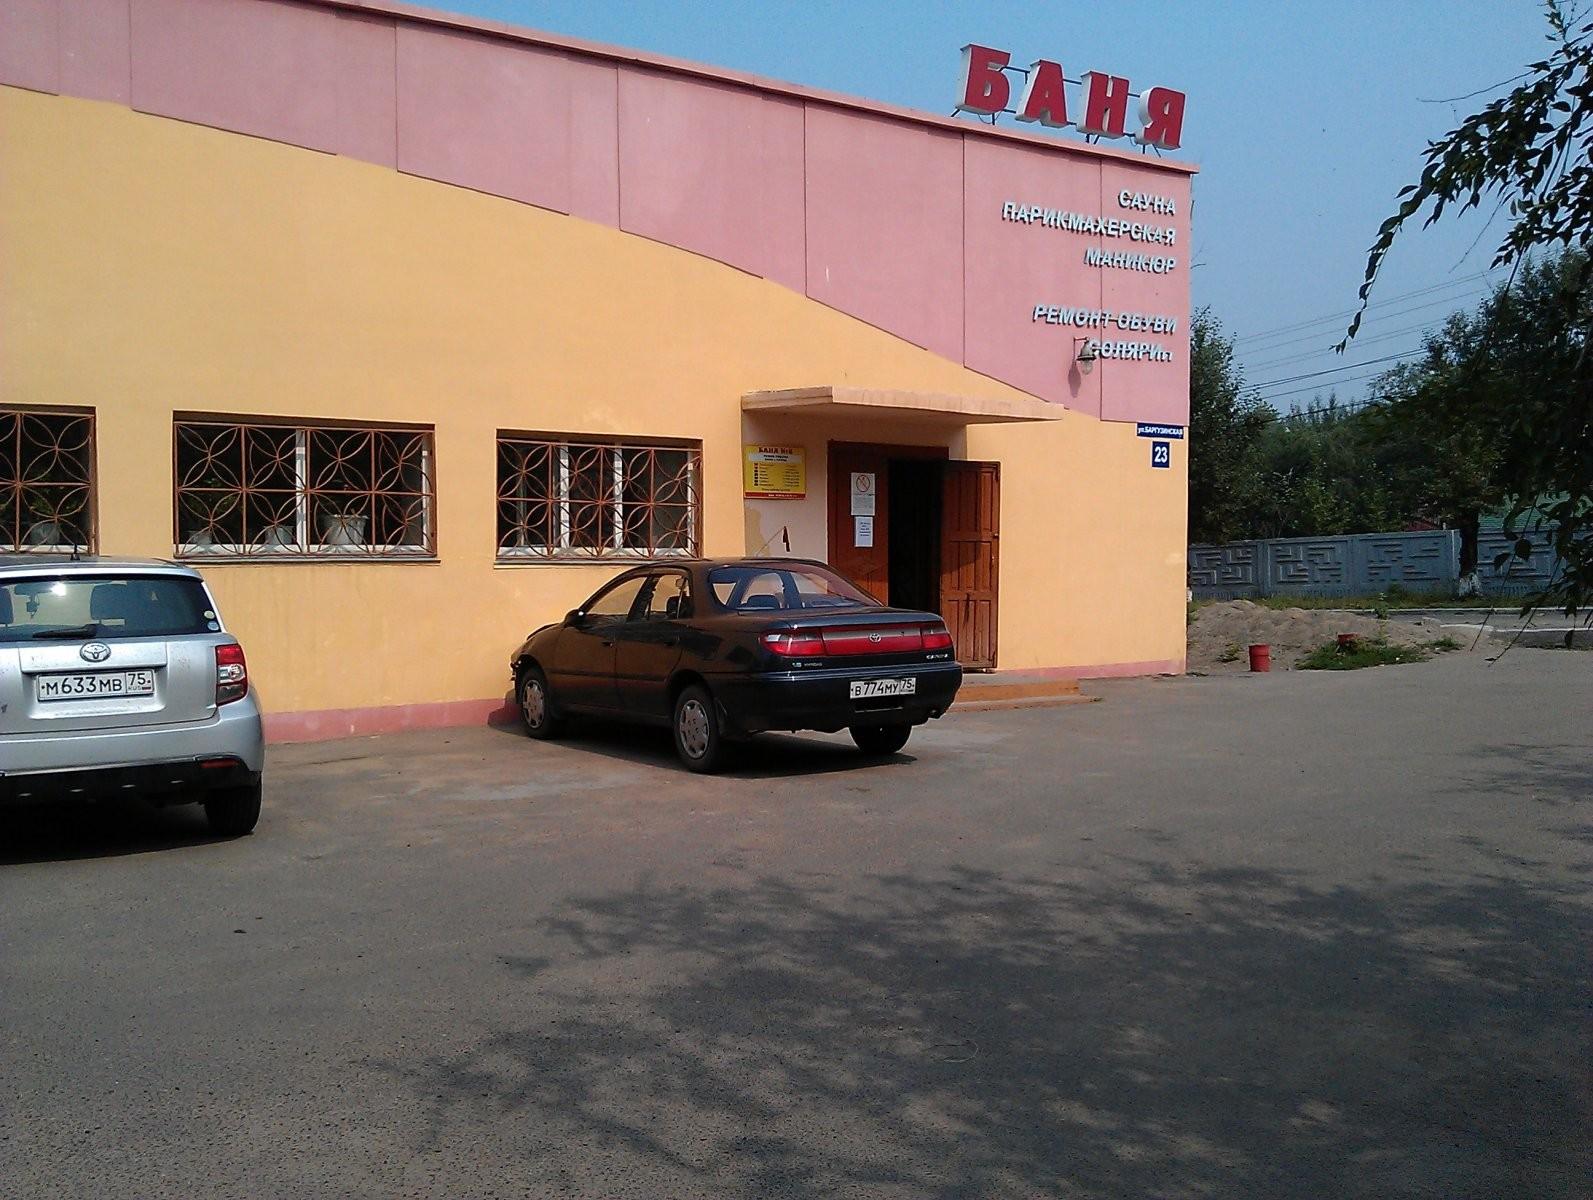 Баня №8 - №1